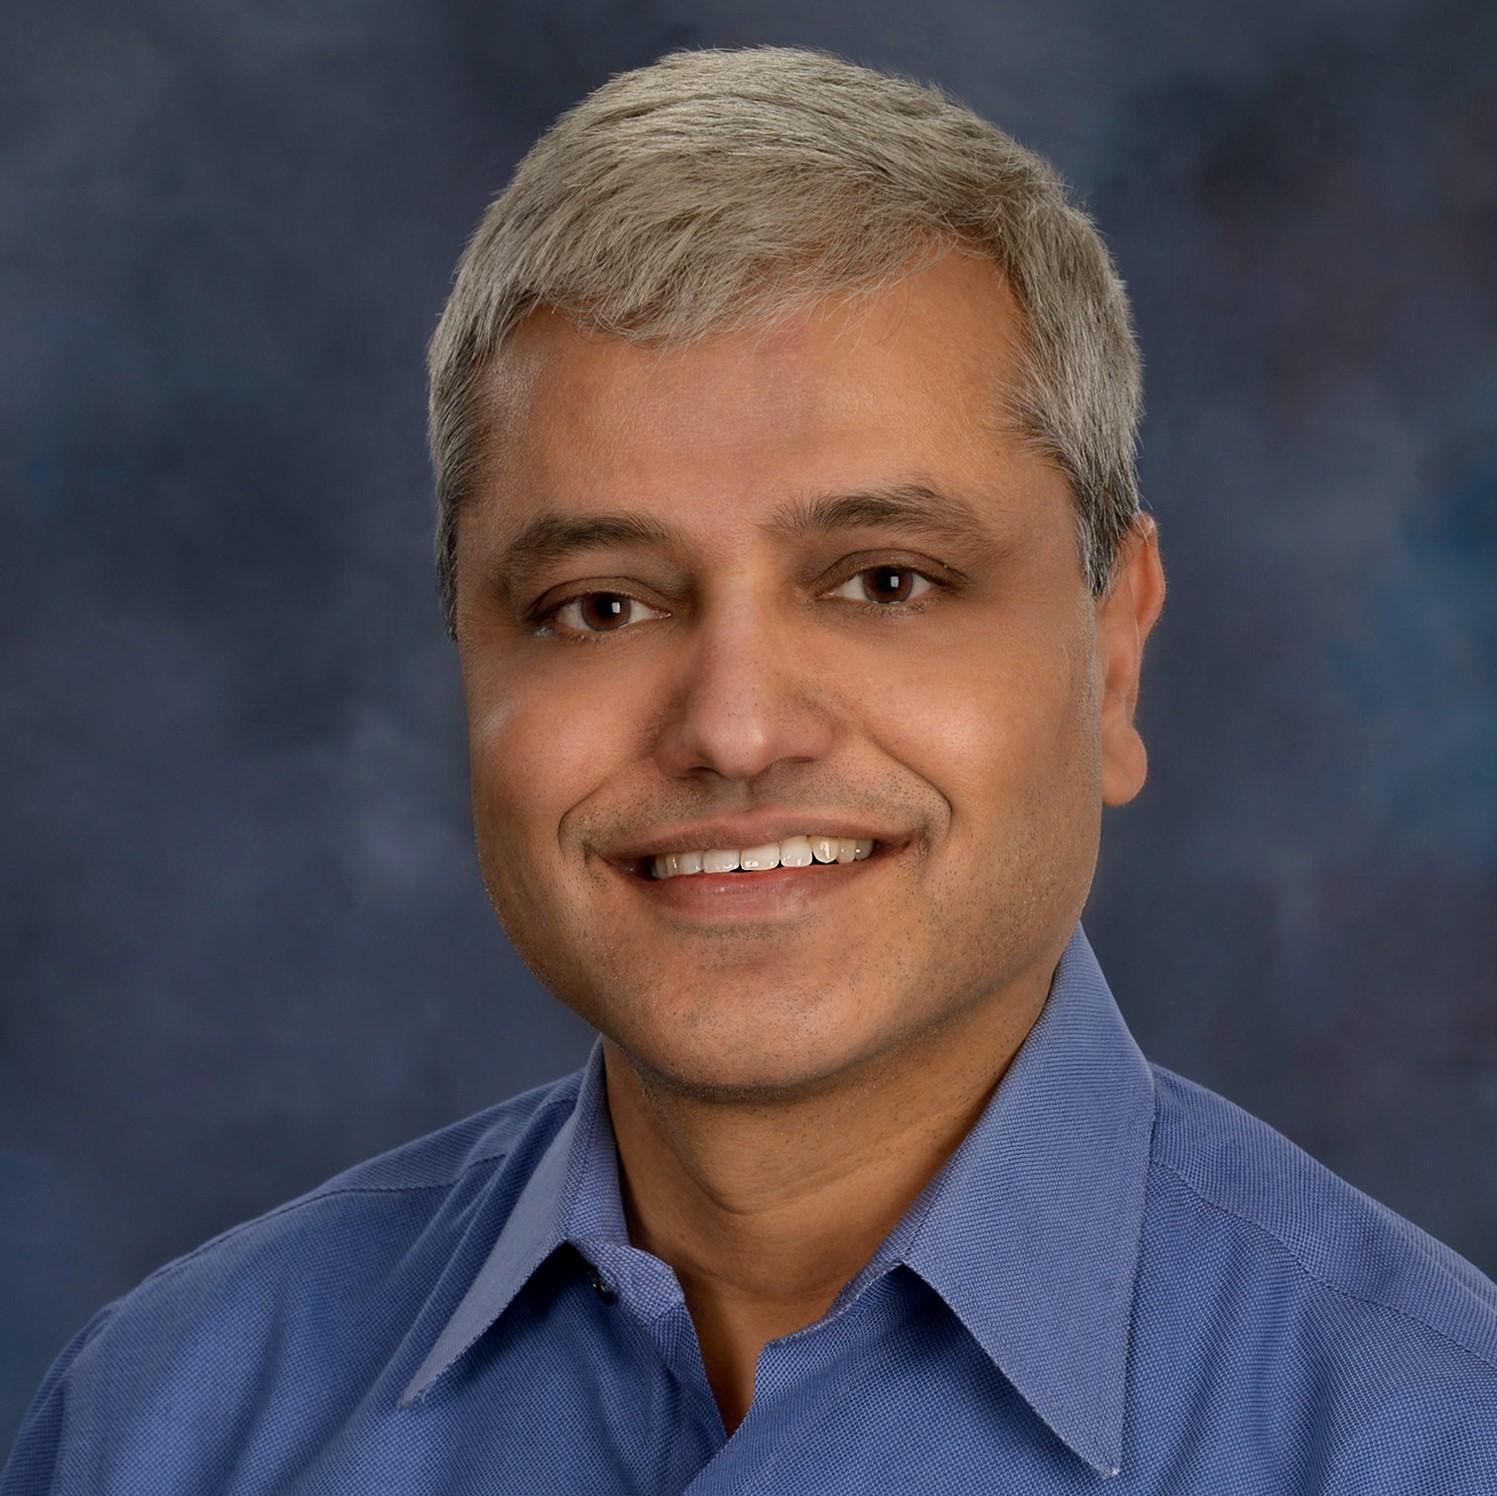 Sanjiv S. Agarwala